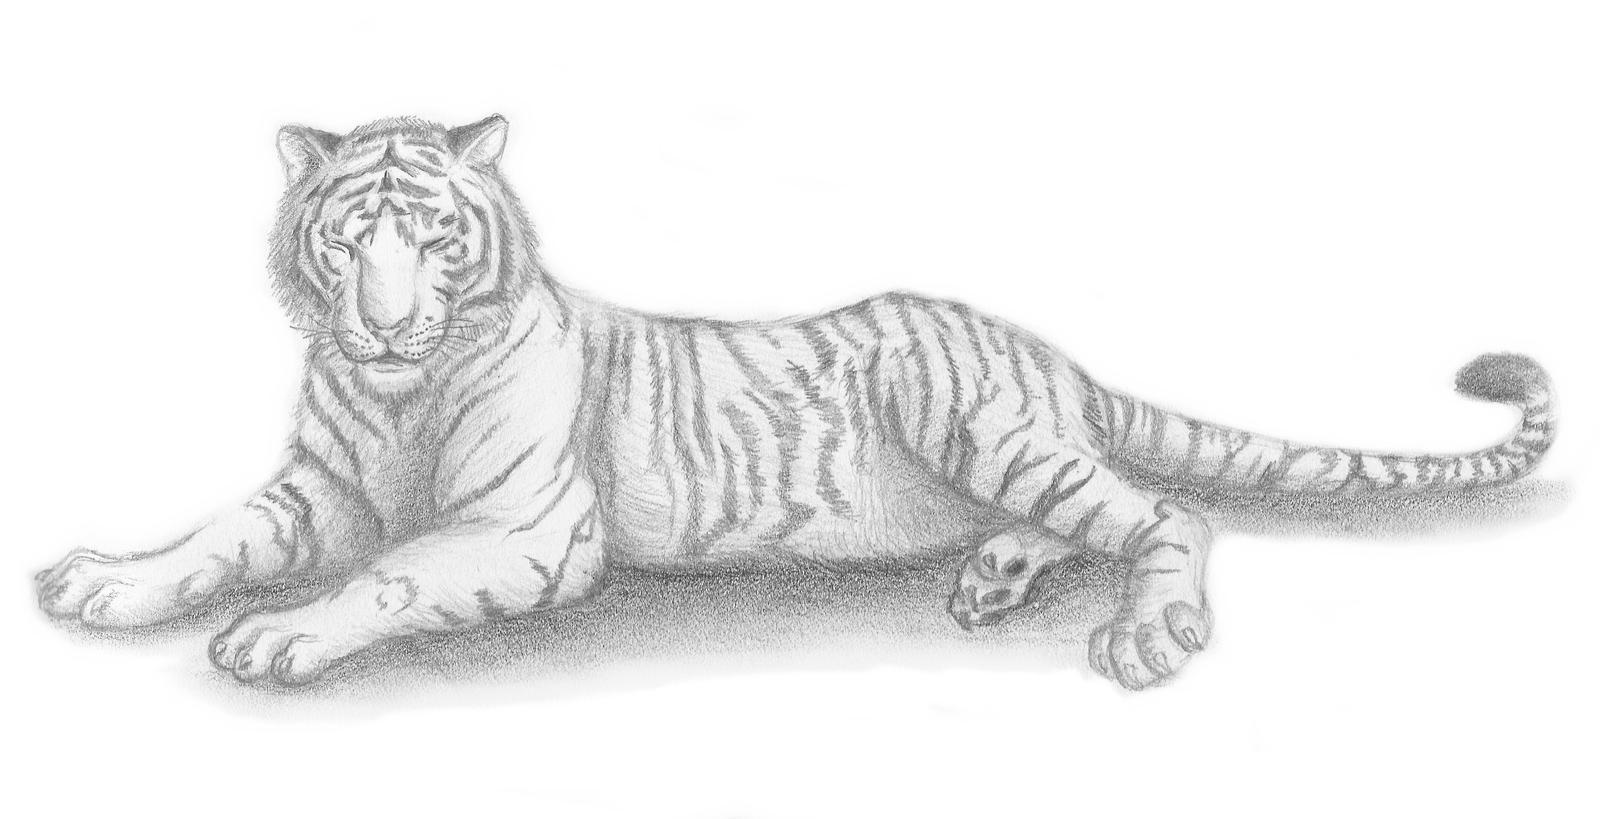 tiger sketch 1 by legend13 on deviantart